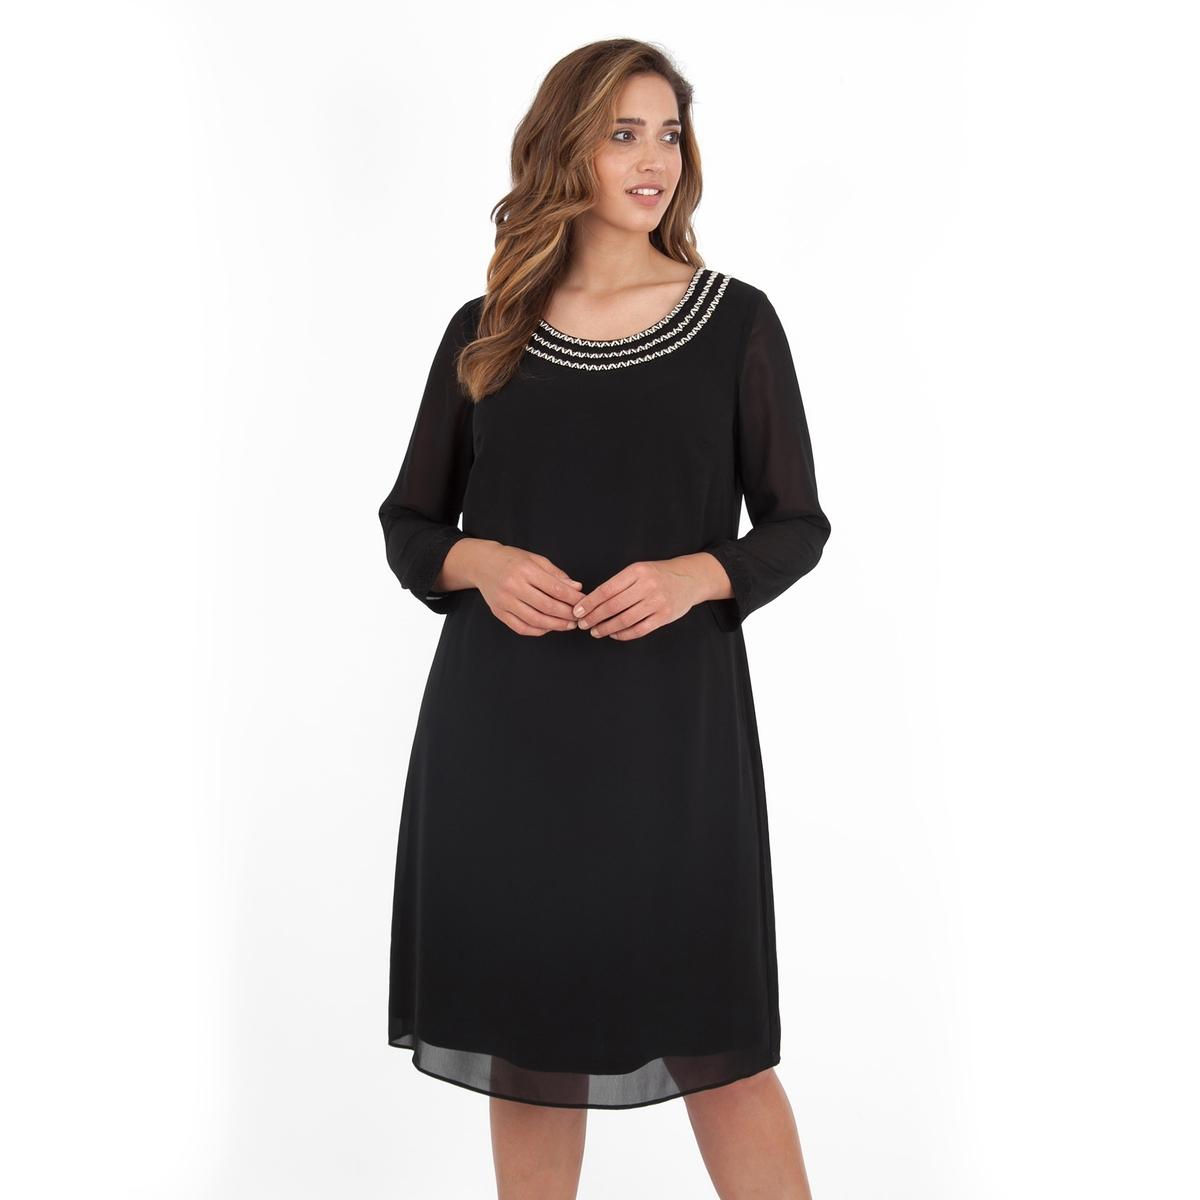 ПлатьеПлатье с длинными рукавами -  LOVEDROBE. Круглый вырез, расшитый бусинами. Небольшой разрез сзади. Длина ок.104 см. 100% полиэстера.<br><br>Цвет: черный